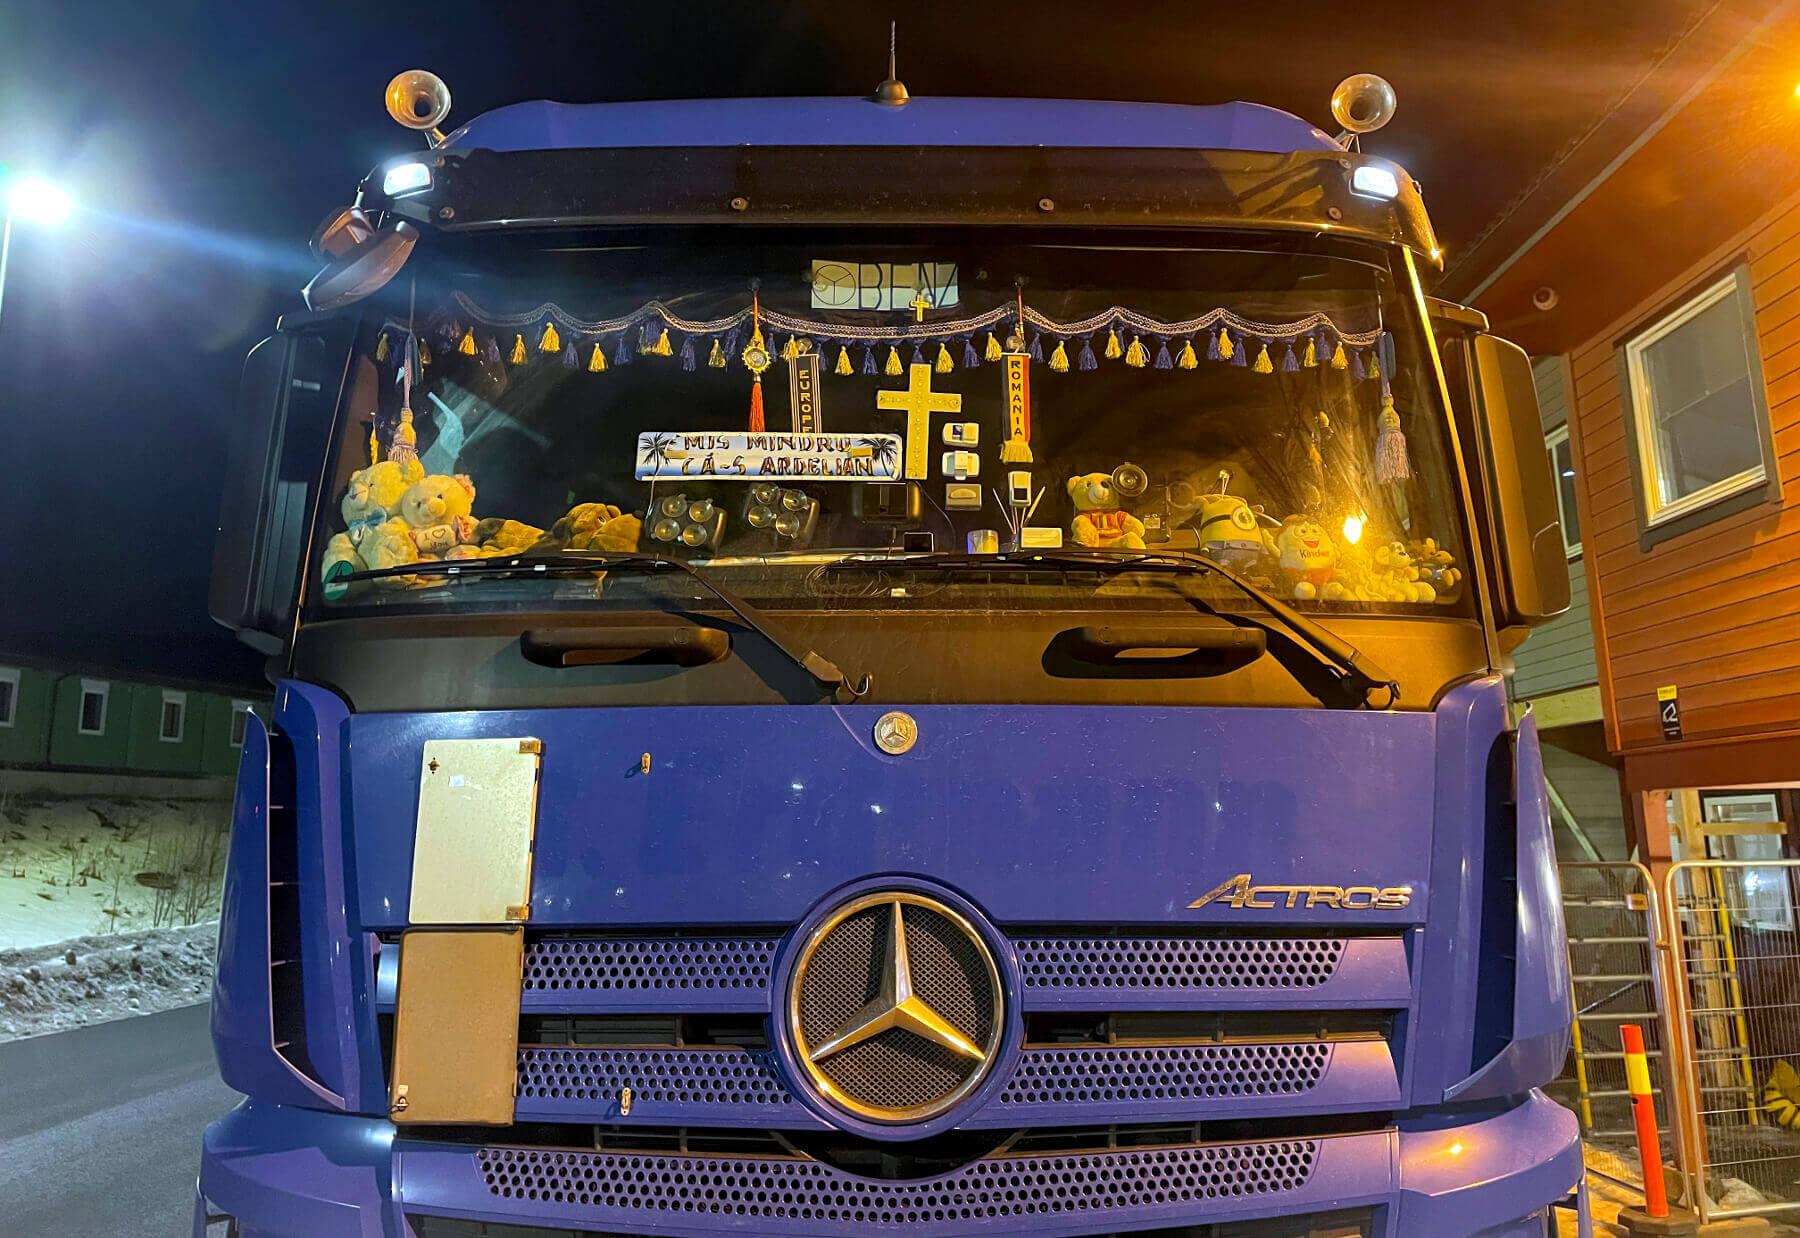 Распятие на лобовом стекле не спасло водителя от наказания. Отделка кабины инспекторам не понравилась